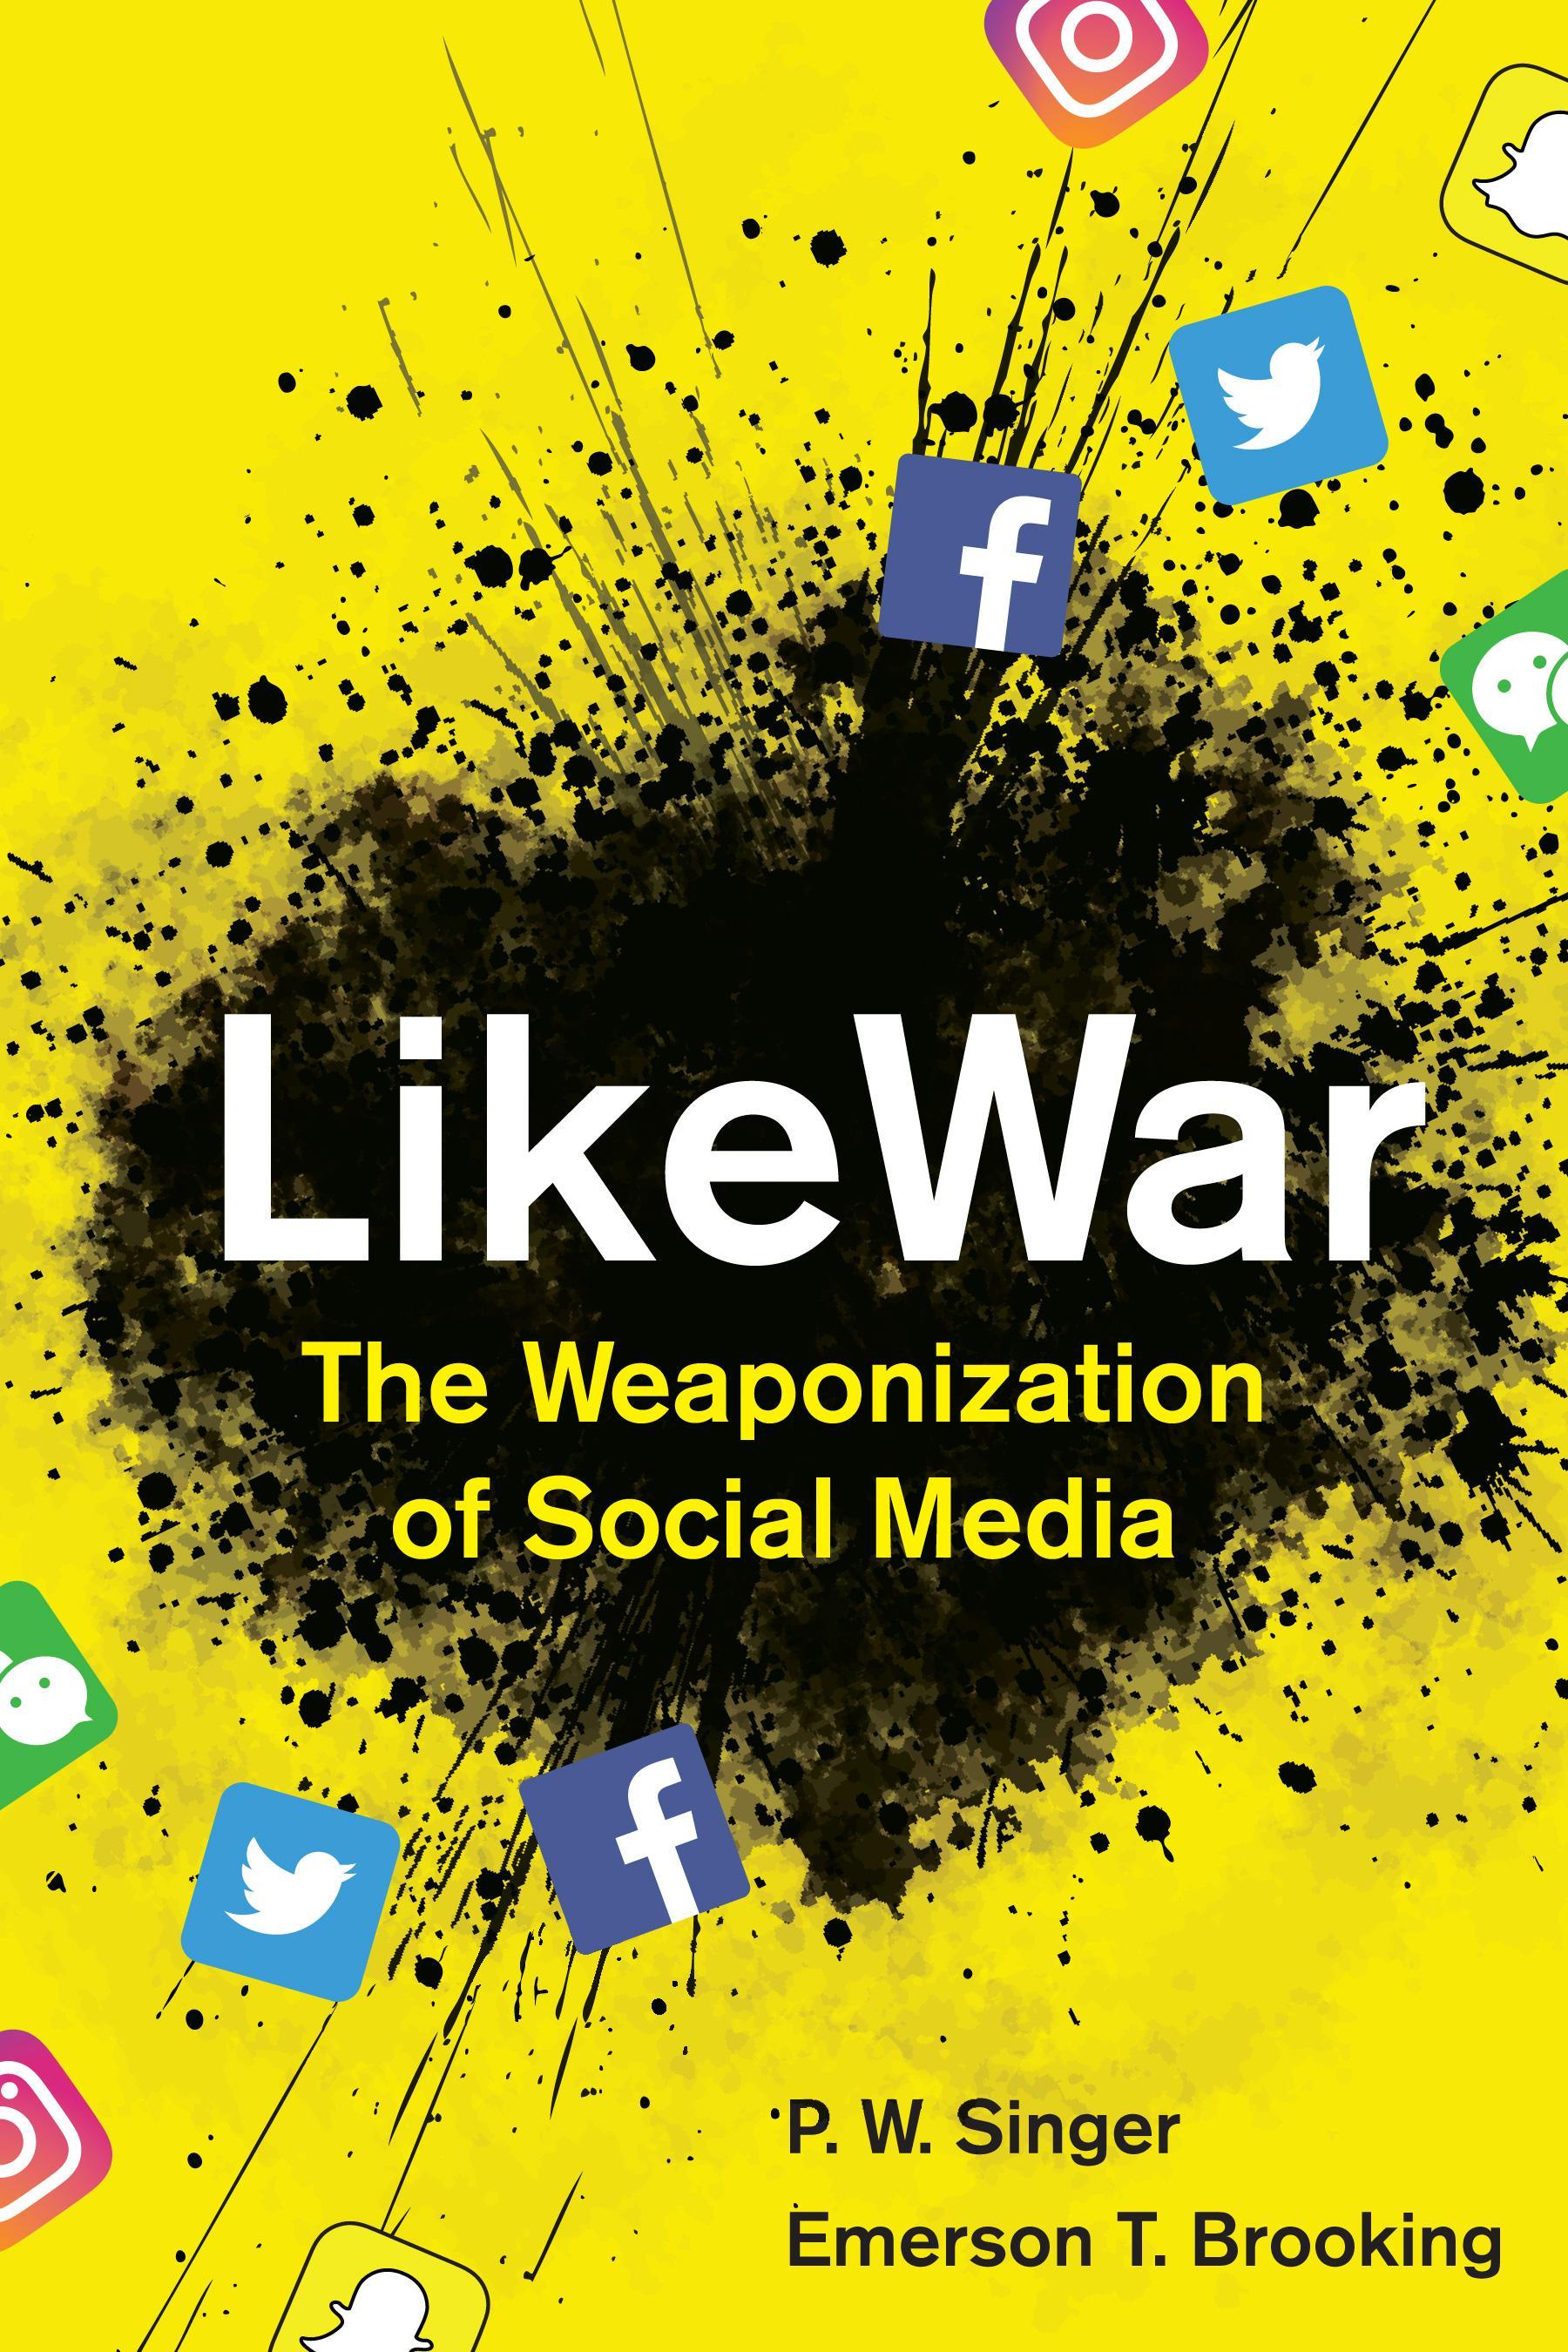 """""""LikeWar"""": Peter W. Singer ist Senior Fellow am Washingtoner Think Tank """"New America Foundation"""", er hat unter anderem die Bücher """"Corporate Warriors: The Rise of the Privatized Military Industry"""" (2004) und """"Wired for War: The Robotics Revolution and 21st Century Conflict"""" (2009) verfasst. Emerson T. Brooking ist Sicherheitsexperte und hat unter anderem für die US-Magazine """"The Atlantic"""" und """"Wired"""" geschrieben."""